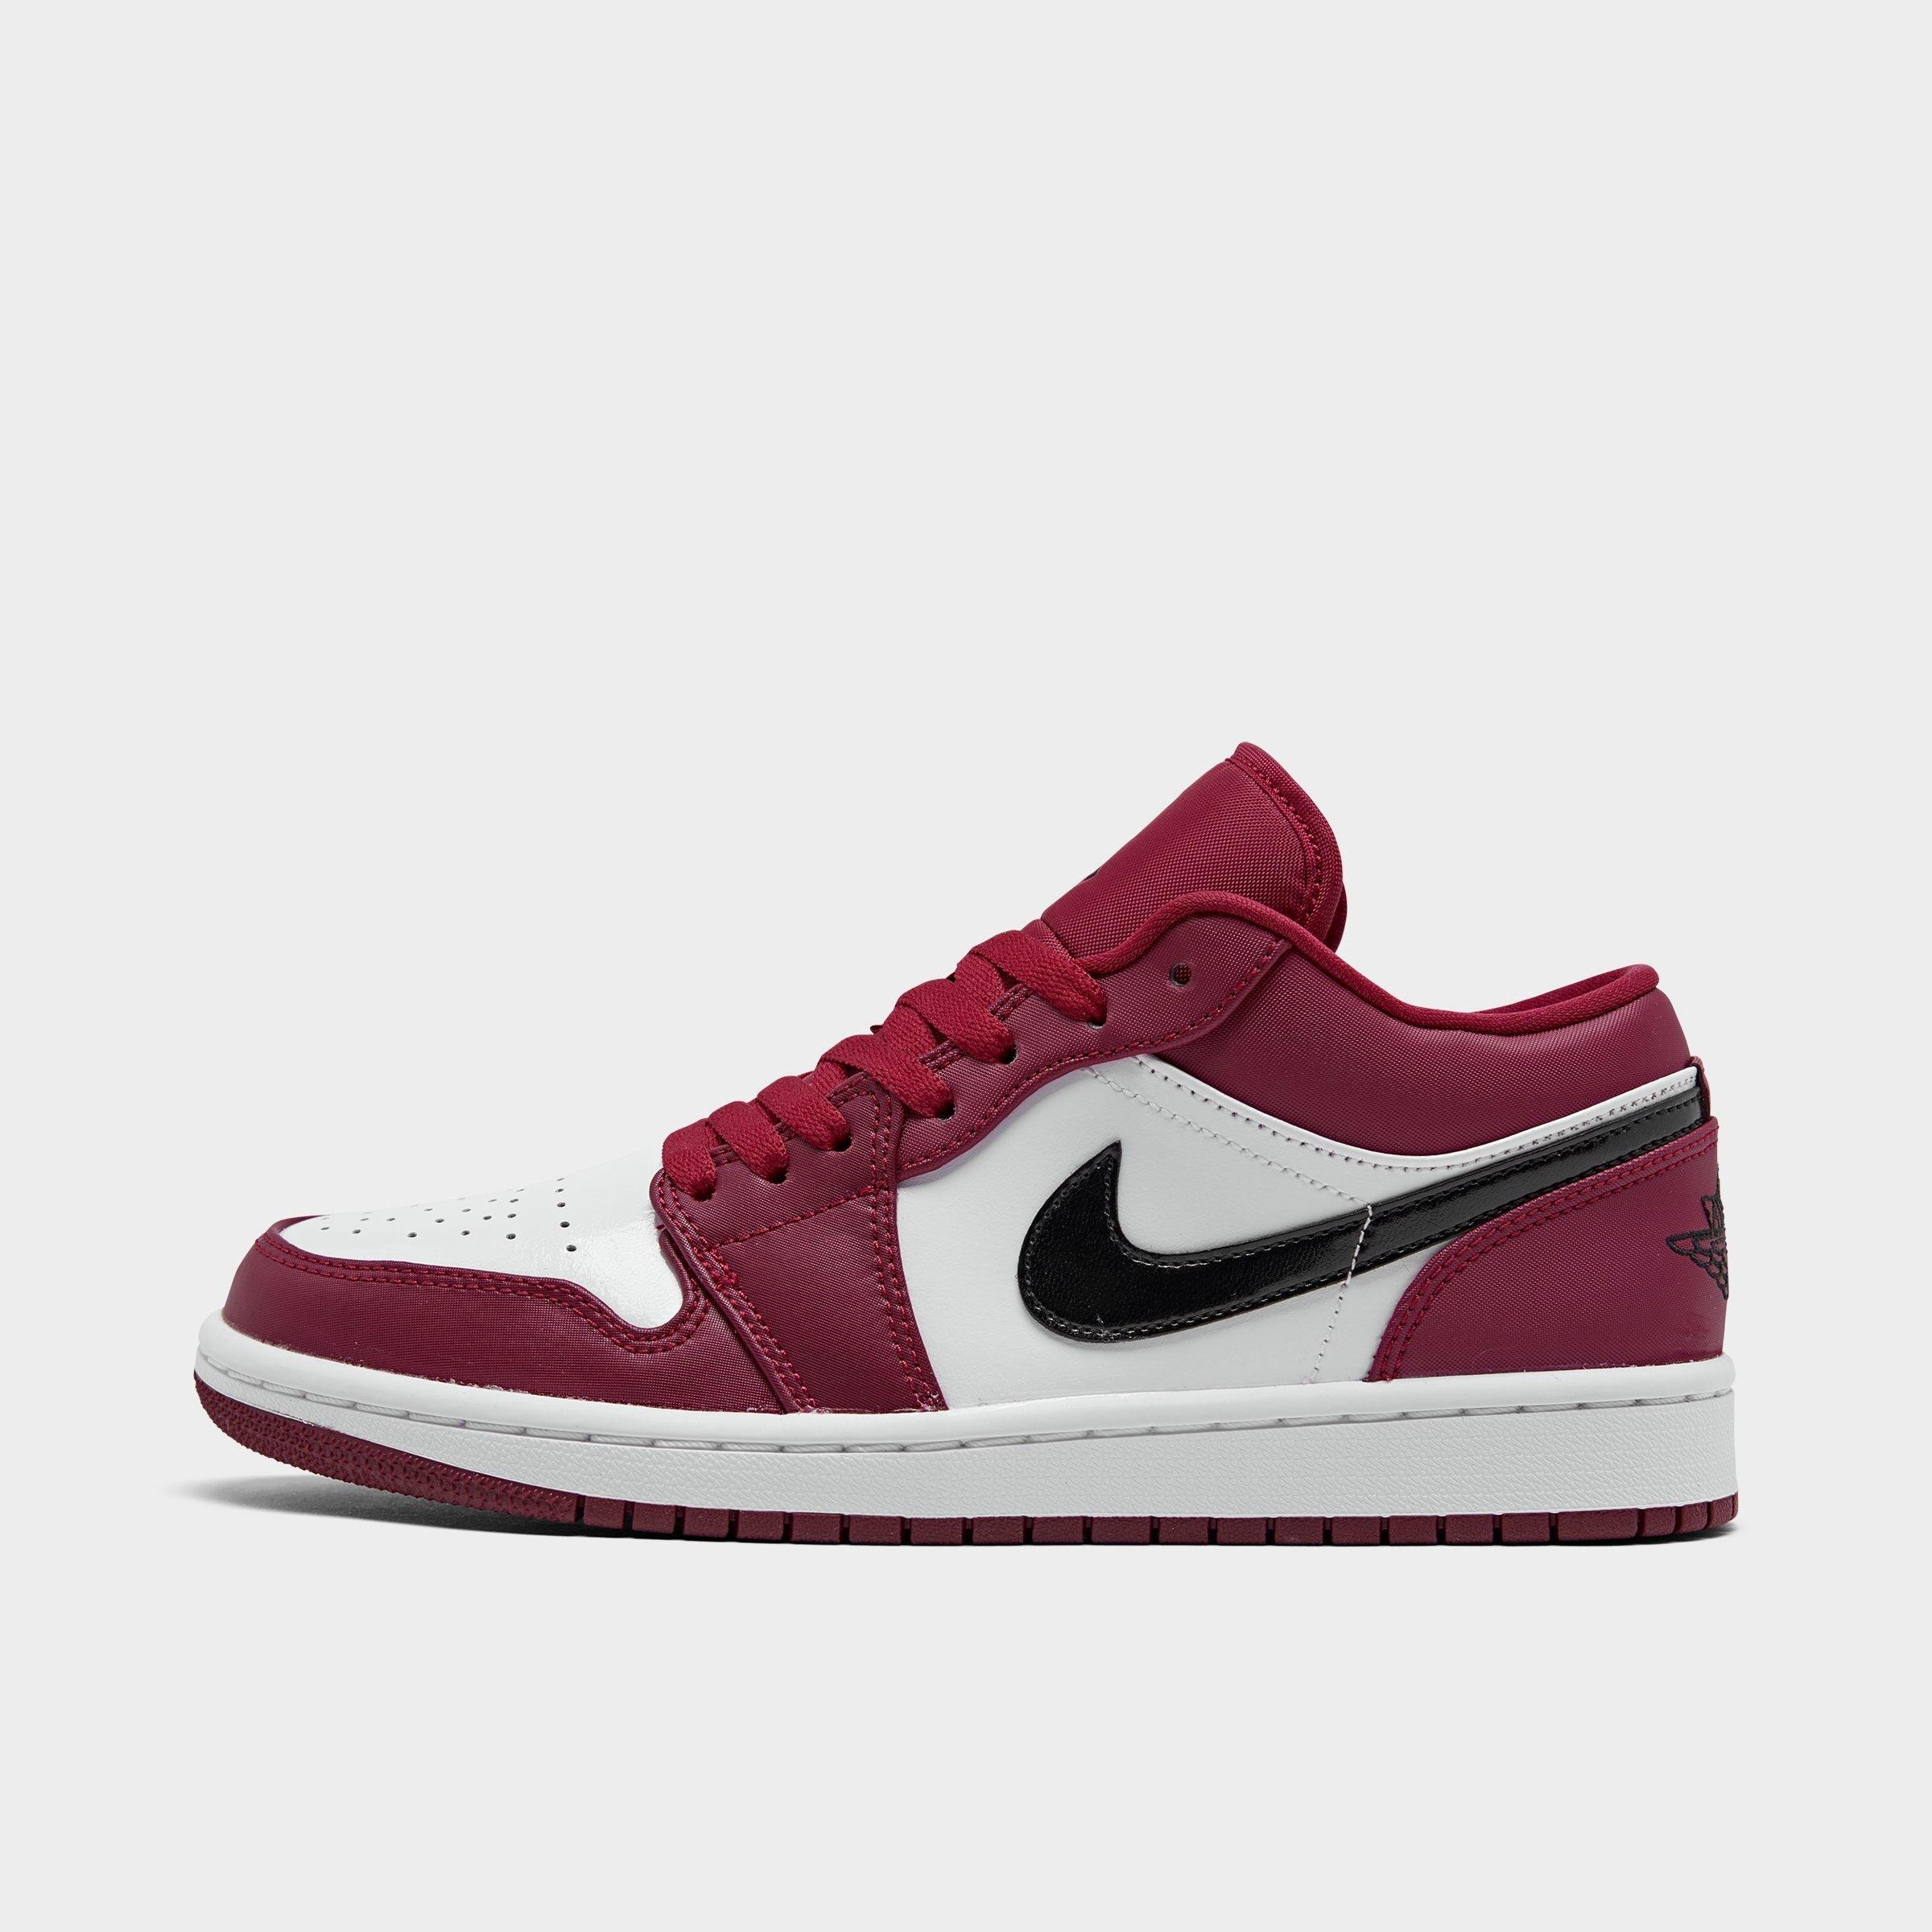 Air Jordan Retro 1 Low Basketball Shoes